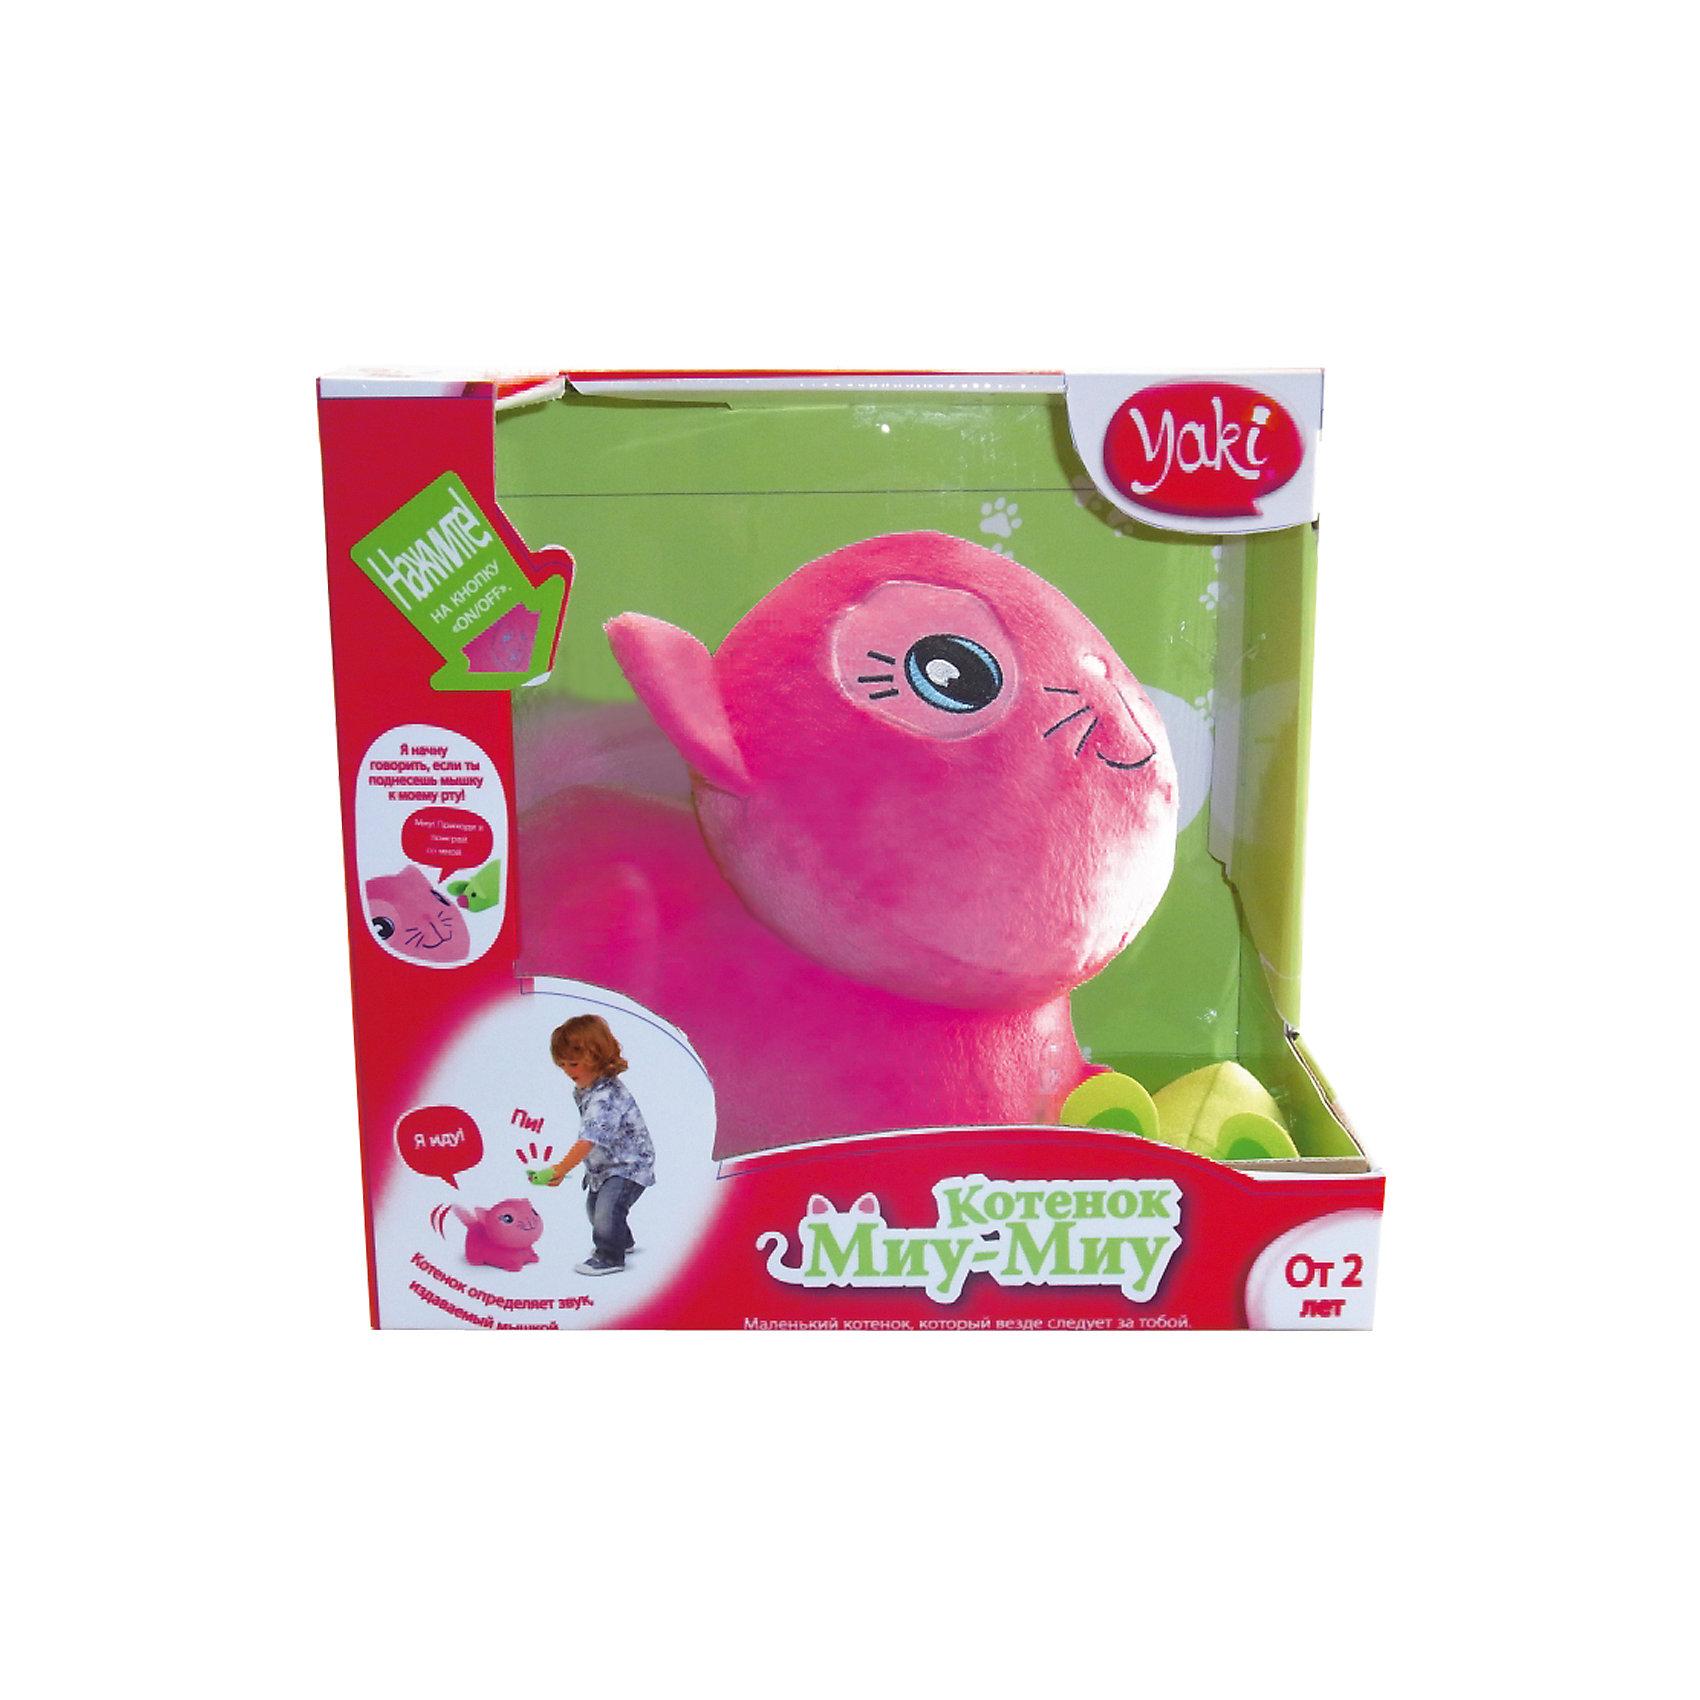 Котенок Миу-Миу, со светом и звуком, YAKIКотенок Миу-Миу, Yaki - очаровательная развивающая игрушка, которая обязательно привлечет внимание Вашего малыша. Милый розовый котенок выполнен из мягкого приятного на ощупь материала, у него трогательная мордочка и большие глаза. Внутри спрятан пластиковый корпус с механизмом и различными датчиками, лапки оснащены колесиками. Как настоящий живой питомец котенок реагирует на своего хозяина и идет на звук хлопка, меняя направление при каждом новом звуке. Миу-Миу произносит забавные фразы и поет, может двигаться в разных направлениях, натолкнувшись на препятствия, оборачивается и идет в другую сторону. При нажатии кнопки на груди котенок воспроизводит песню и более 20 фраз и звуковых эффектов, имеется регулировка громкости. В комплект также входит маленькая мышка, если поднести ее к пасти котенка, он начнет говорить. При нажатии кнопки на мышке котенок будет следовать за ней. При длительном бездействии игрушка выключается автоматически, что позволяет экономить заряд батареи. Способствует развитию воображения, звукового восприятия, мелкой моторики и тактильных ощущений. <br><br>Дополнительная информация:<br><br>- Материал: пластик, текстиль.<br>- Требуются батарейки: 4 х ААА (входят в комплект).<br>- Размер котенка: 19 х 16 см.<br>- Размер мышки: 8 х 5 см. <br>- Размер упаковки: 23 х 18 х 25 см. <br>- Вес: 0,78 кг. <br><br>Котенка Миу-Миу, со светом и звуком, Yaki, можно купить в нашем интернет-магазине.<br><br>Ширина мм: 200<br>Глубина мм: 190<br>Высота мм: 200<br>Вес г: 780<br>Возраст от месяцев: 18<br>Возраст до месяцев: 108<br>Пол: Унисекс<br>Возраст: Детский<br>SKU: 4249882